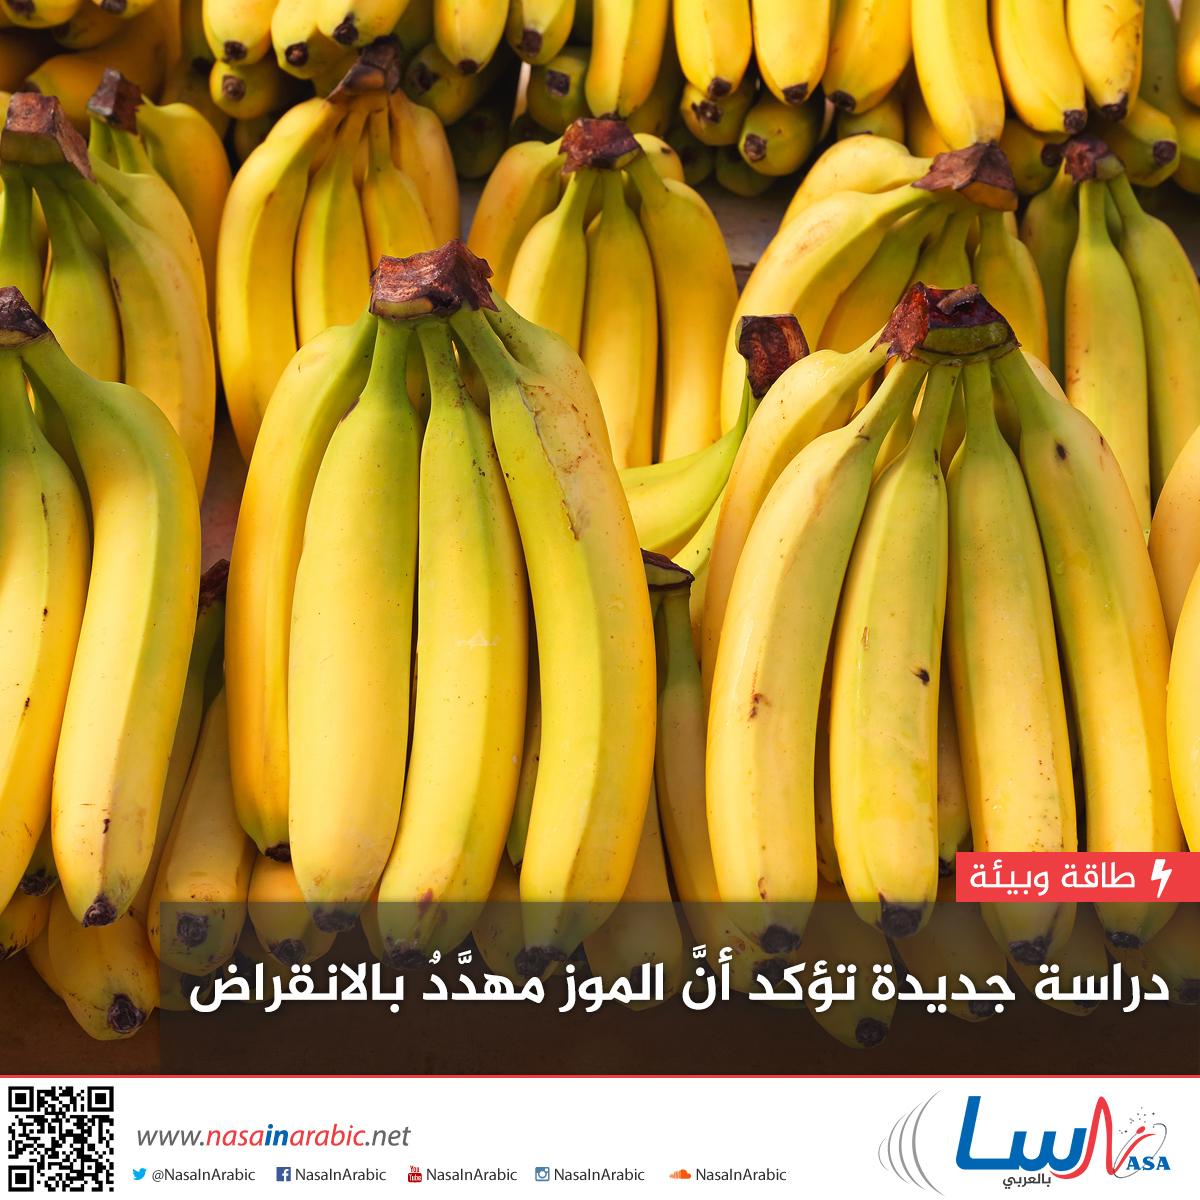 دراسة جديدة تؤكد أنَّ الموز مهدَّدٌ بالانقراض